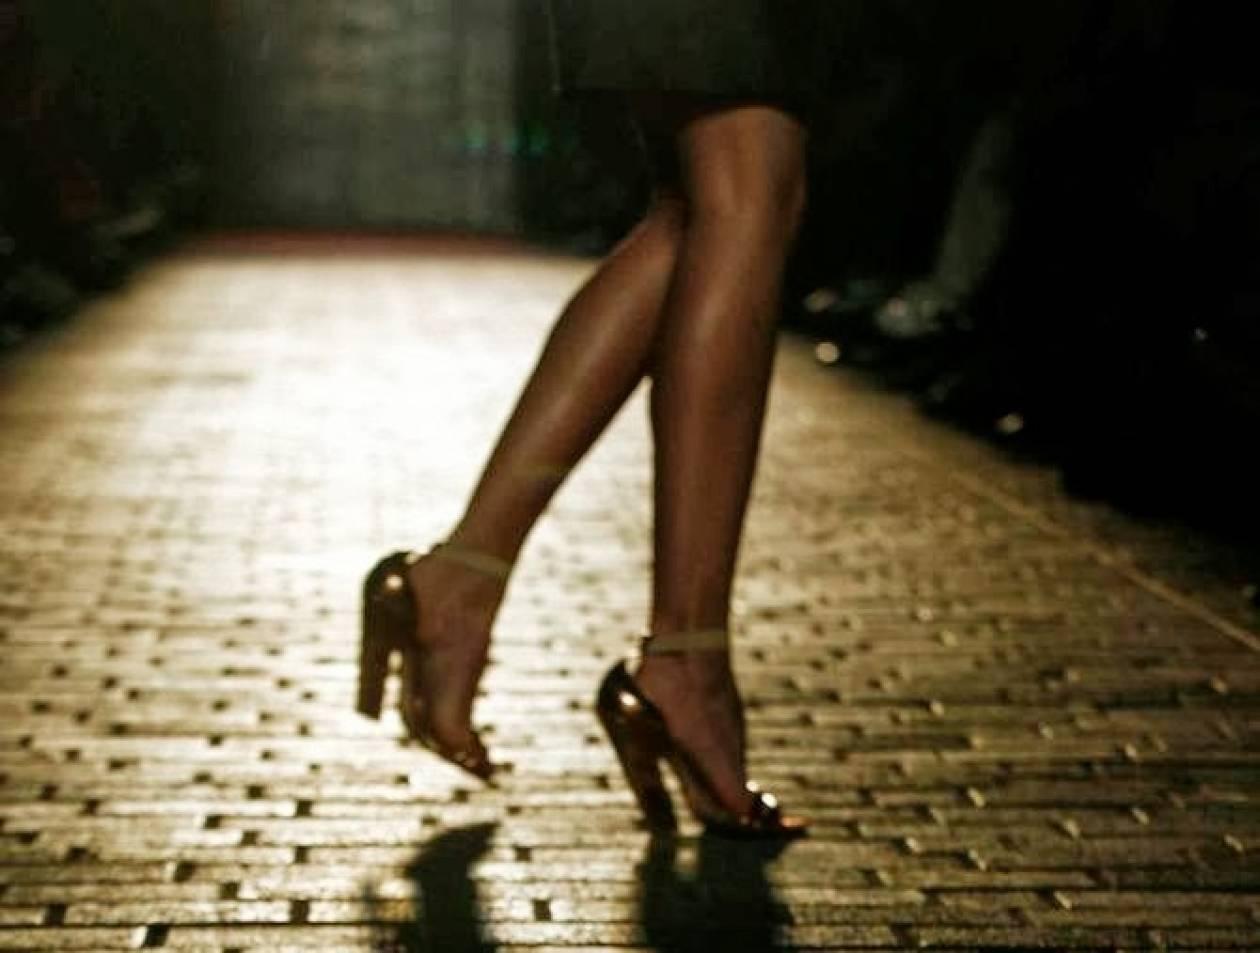 Εύβοια: Ήθελε να πιάσει την «άτακτη» σύζυγο και την πάτησε...